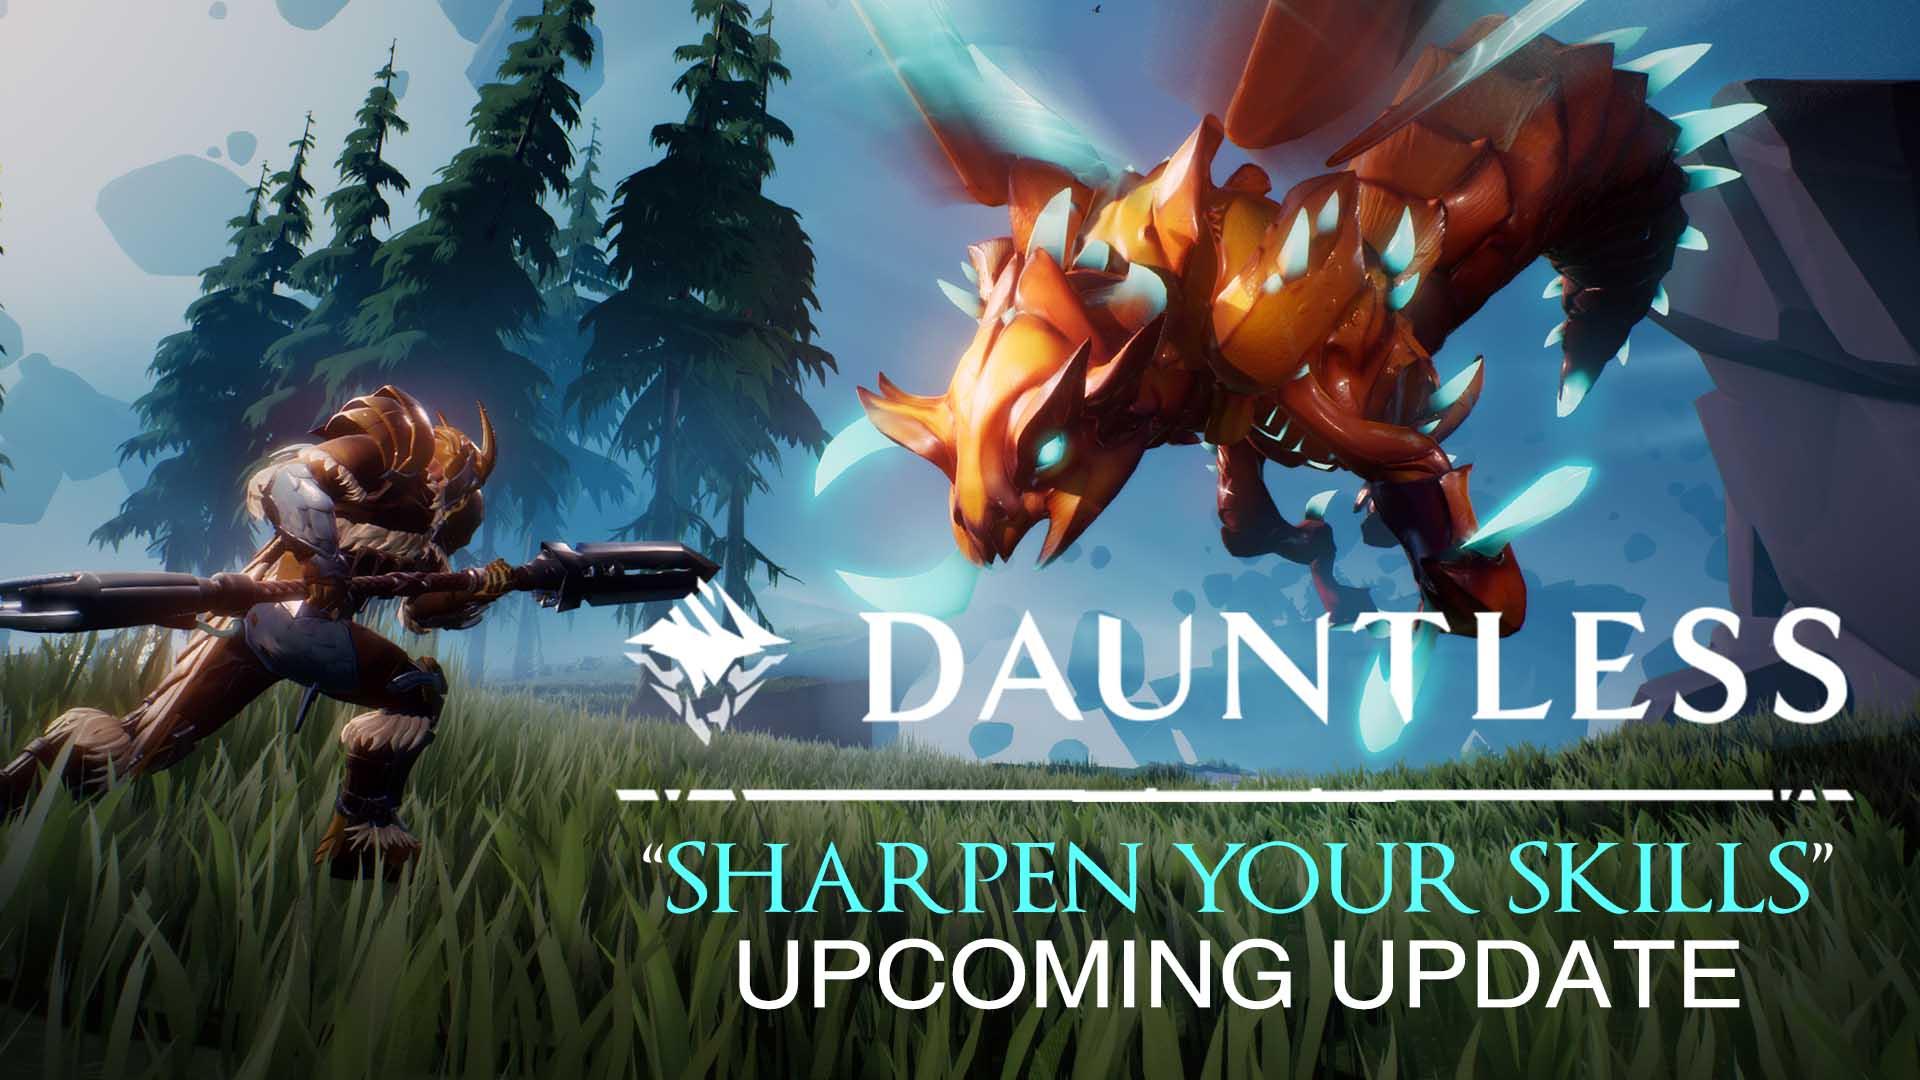 Dauntless Sharpen Your Skills Update Incoming Fextralife